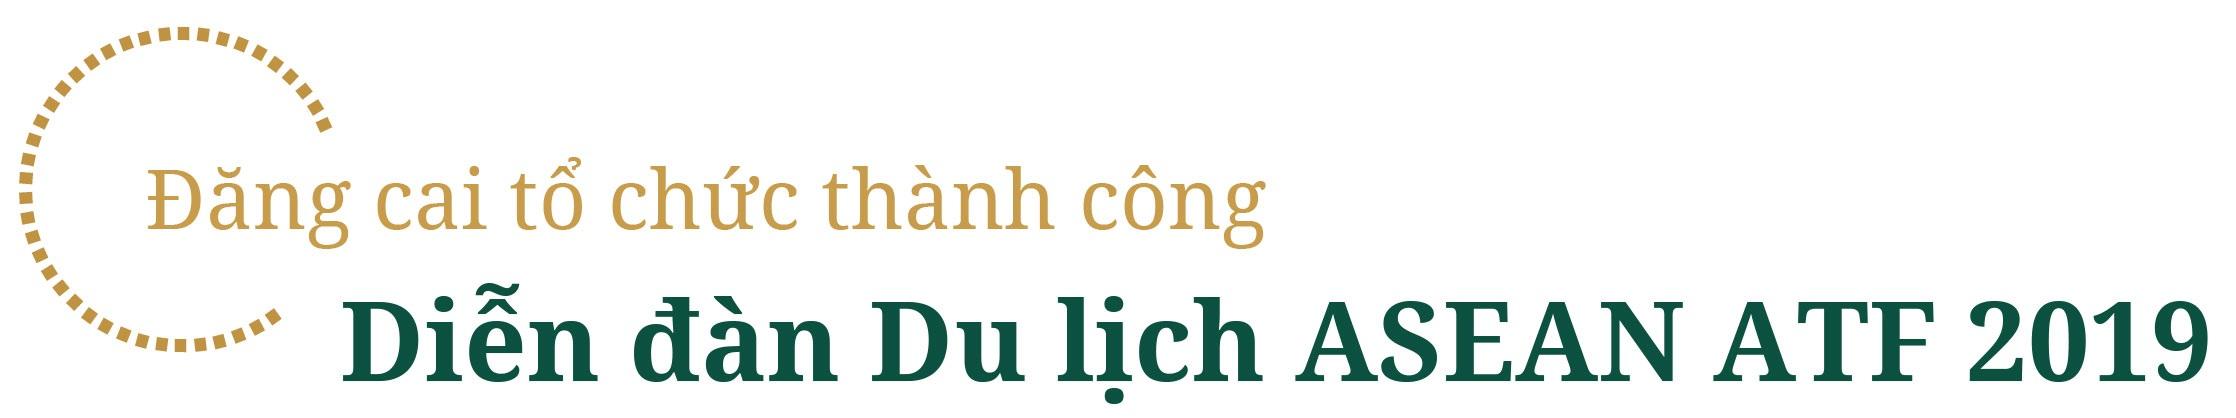 Du lịch Việt Nam đón lượng khách kỷ lục, nhận cơn mưa giải thưởng trong năm 2019 - 10